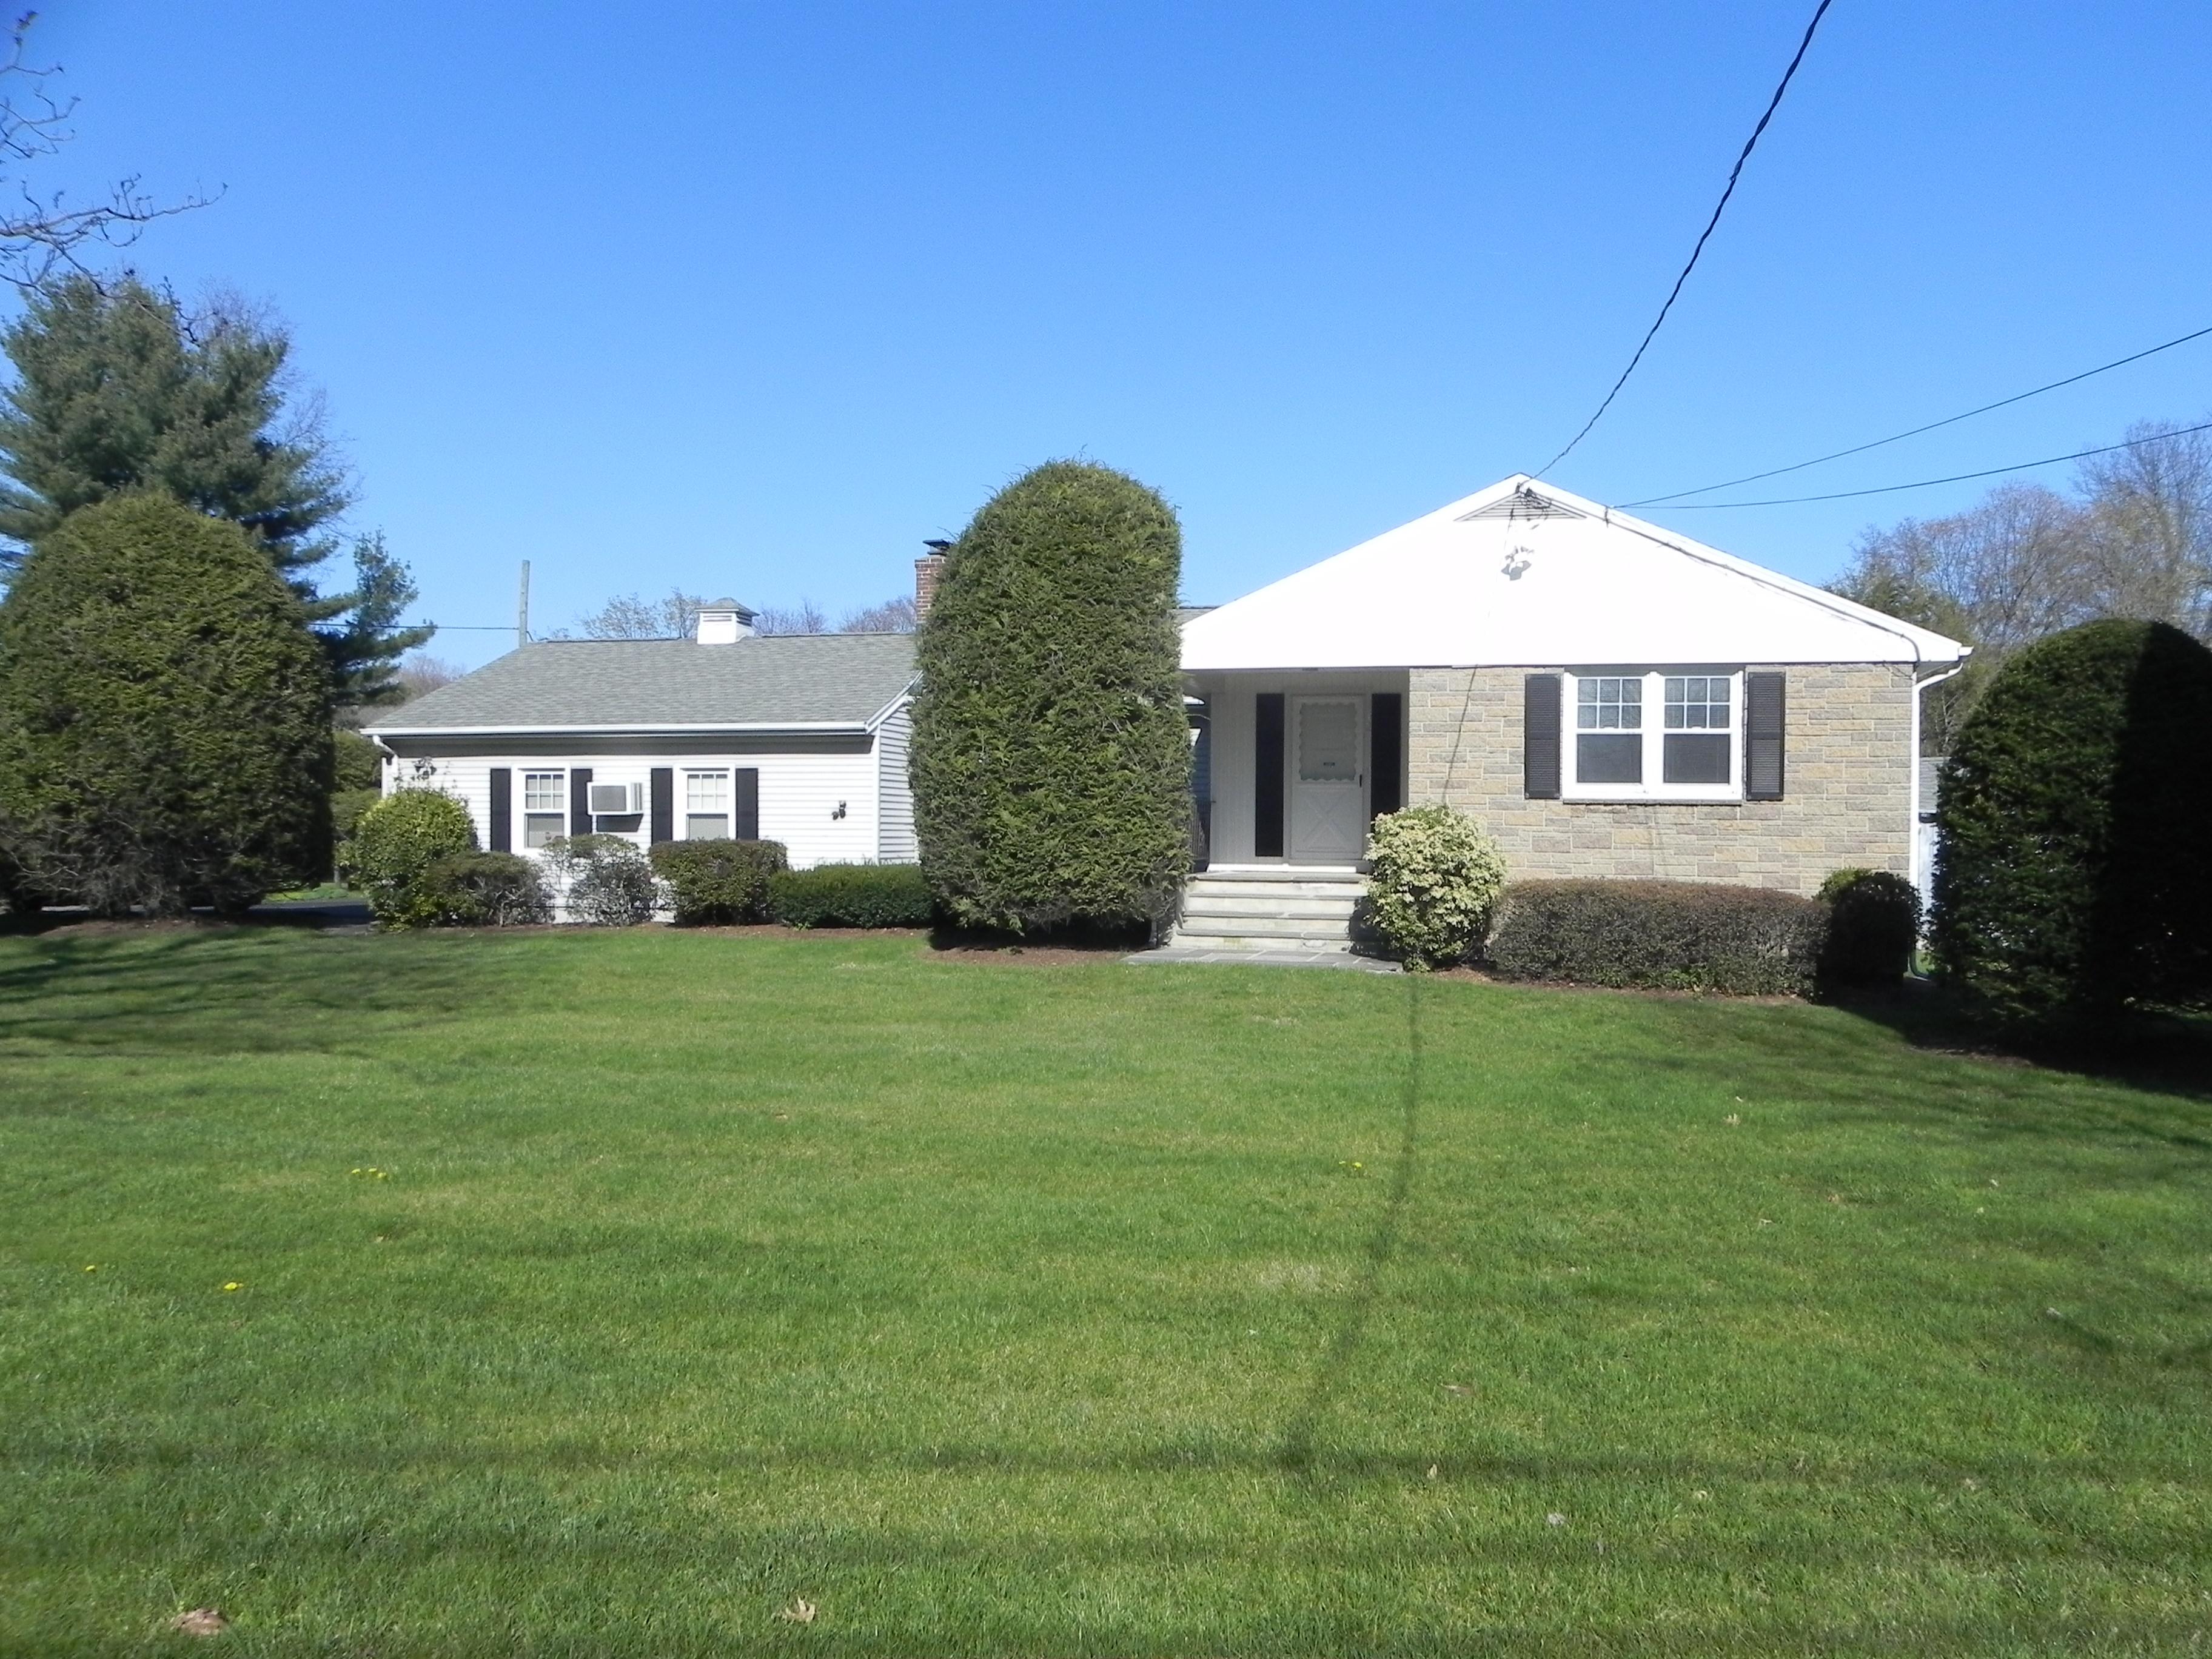 Nhà ở một gia đình vì Bán tại Well Maintained Ranch 112 Strawberry Hill Avenue Norwalk, Connecticut, 06851 Hoa Kỳ